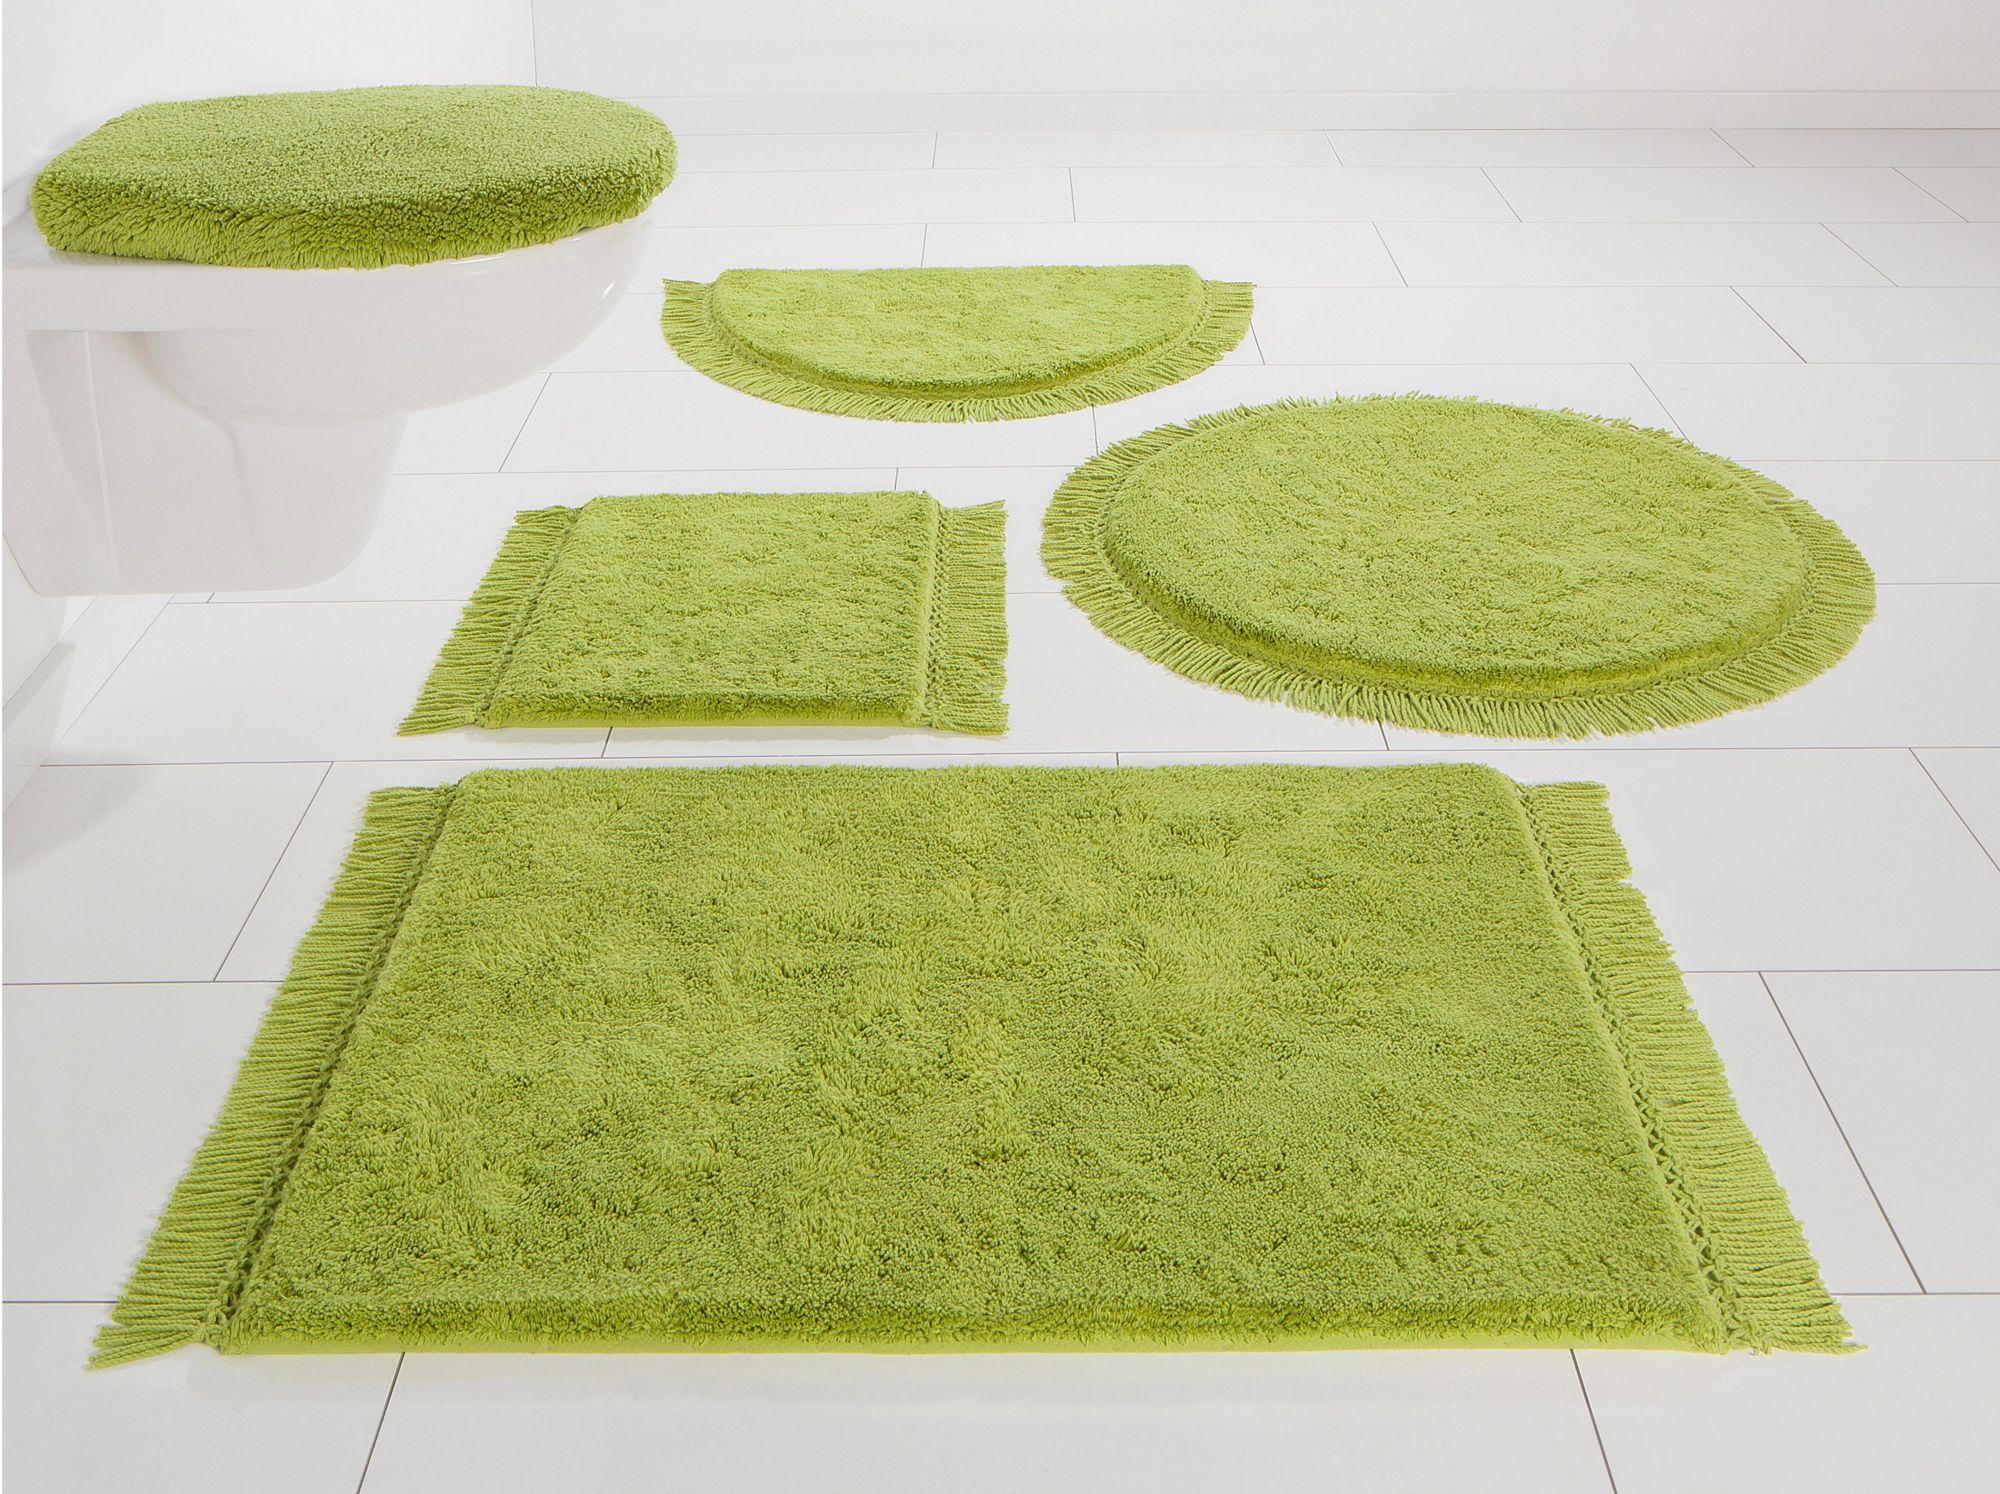 HOME AFFAIRE COLLECTION Badematte, Halbrund, Home affaire Collection, »Finca«, Bio-Baumwolle, Höhe 16 mm, rutschhemmender